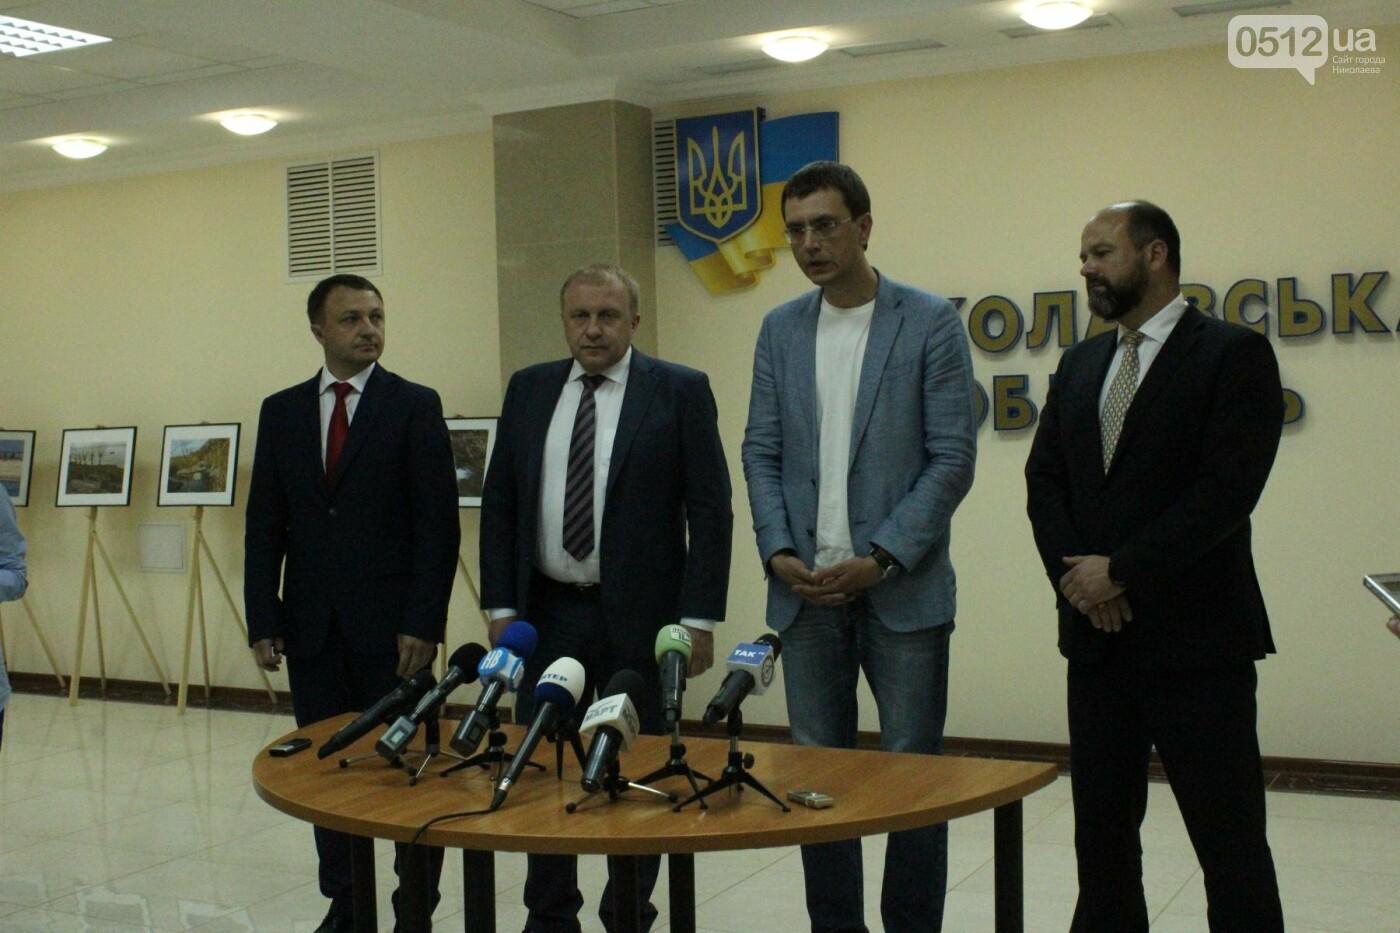 Николаевская область получила более 1 млрд. грн. на автодороги, фото-1